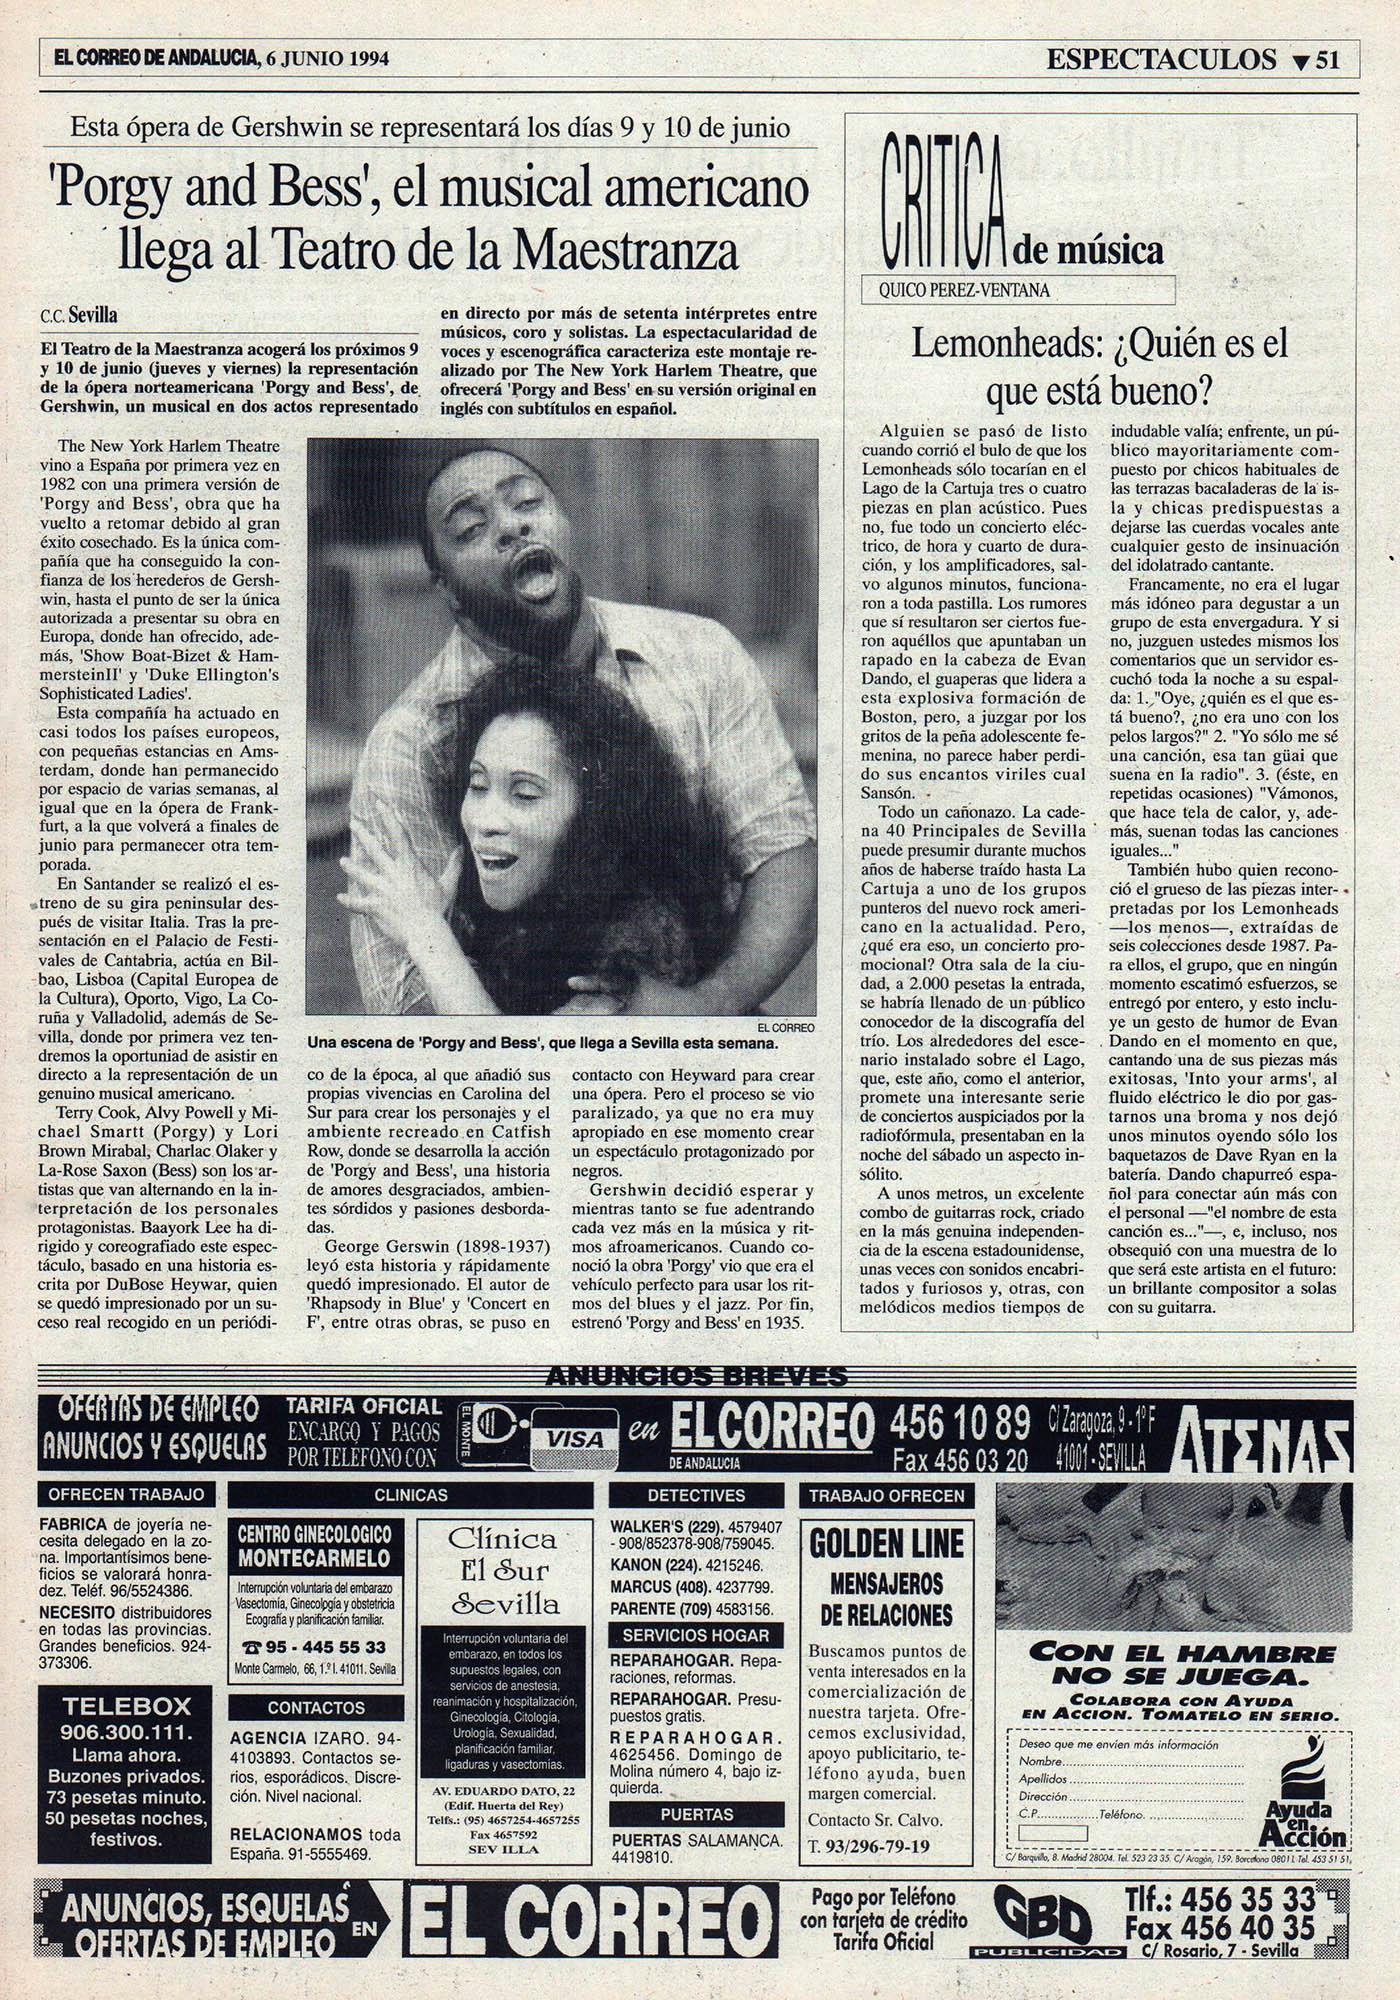 Crónica / Lemenheads, ¿quién es el que está bueno? - Lago de la Cartuja, Sevilla | El Correo de Andalucía | 6 jun 1994